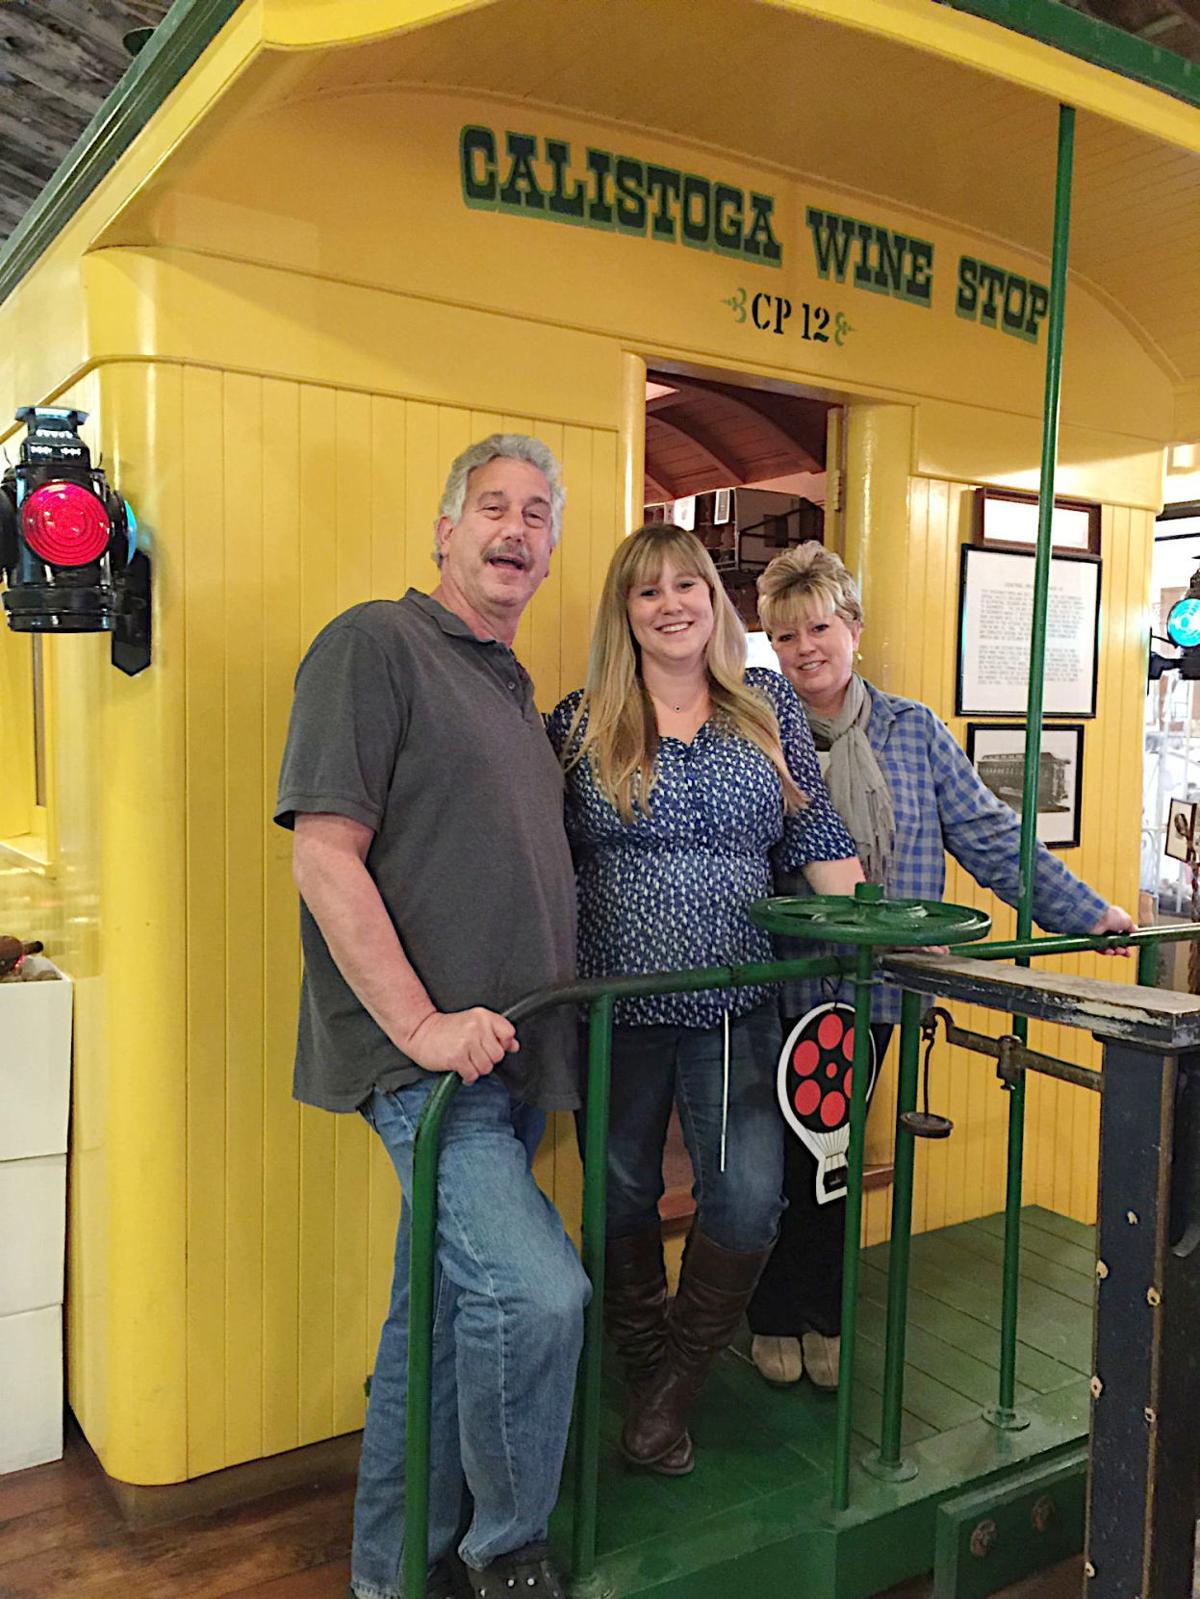 Calistoga's Wine Stop